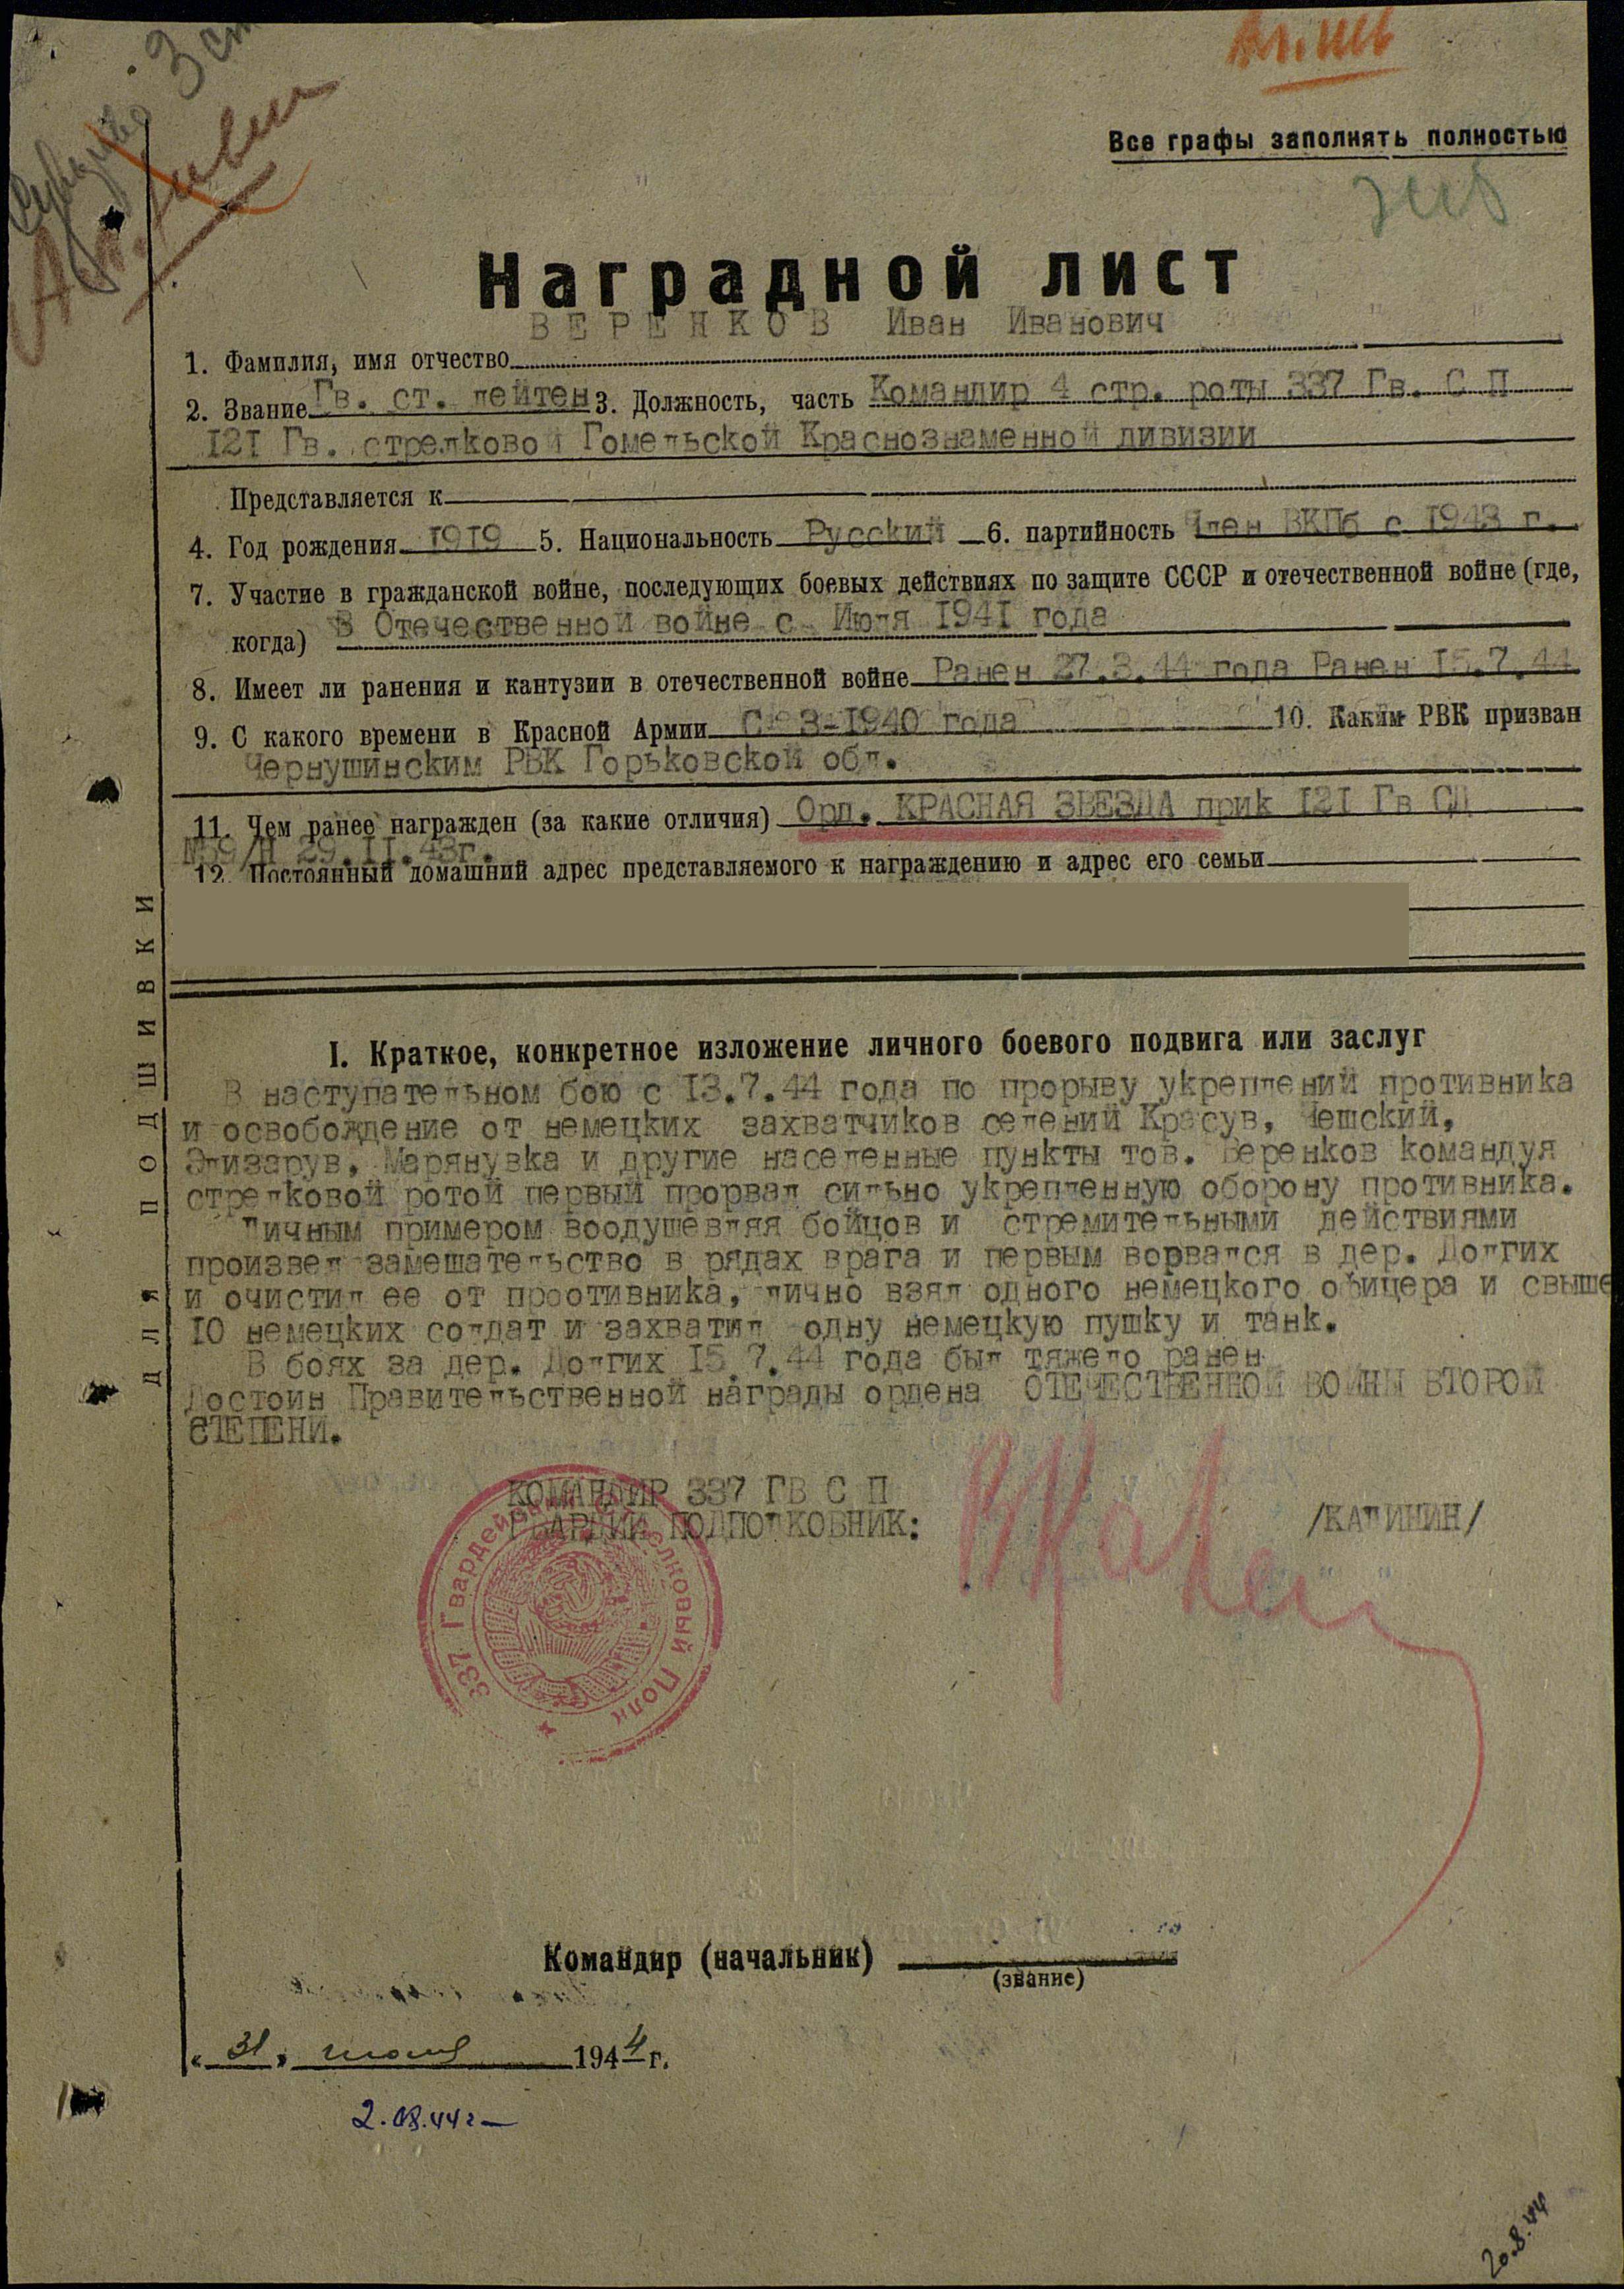 Наградной лист Веренкова Ивана Ивановича о представлении к награждению орденом Александра Невского